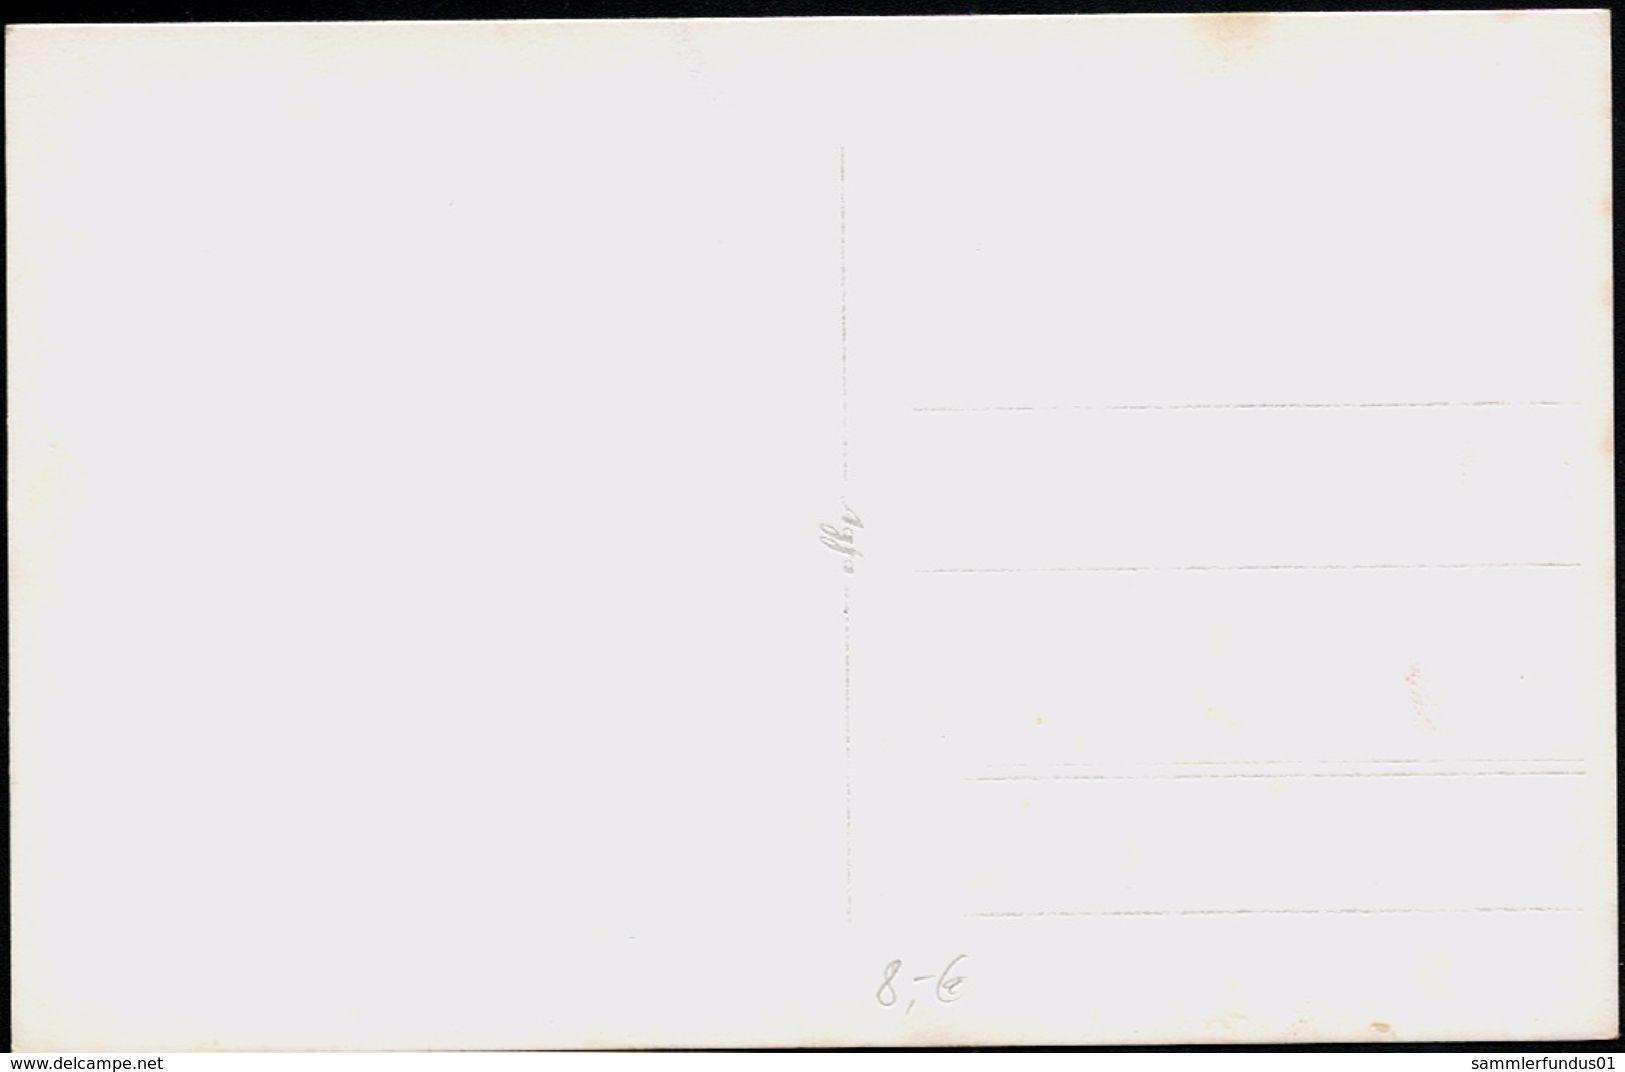 AK/CP  Wehrmacht Kriegsmarine  Reichskriegsflagge   2.WK WW  Ungel./uncirc.  1933-45    Erh./Cond.  2    Nr. 00106 - Weltkrieg 1939-45